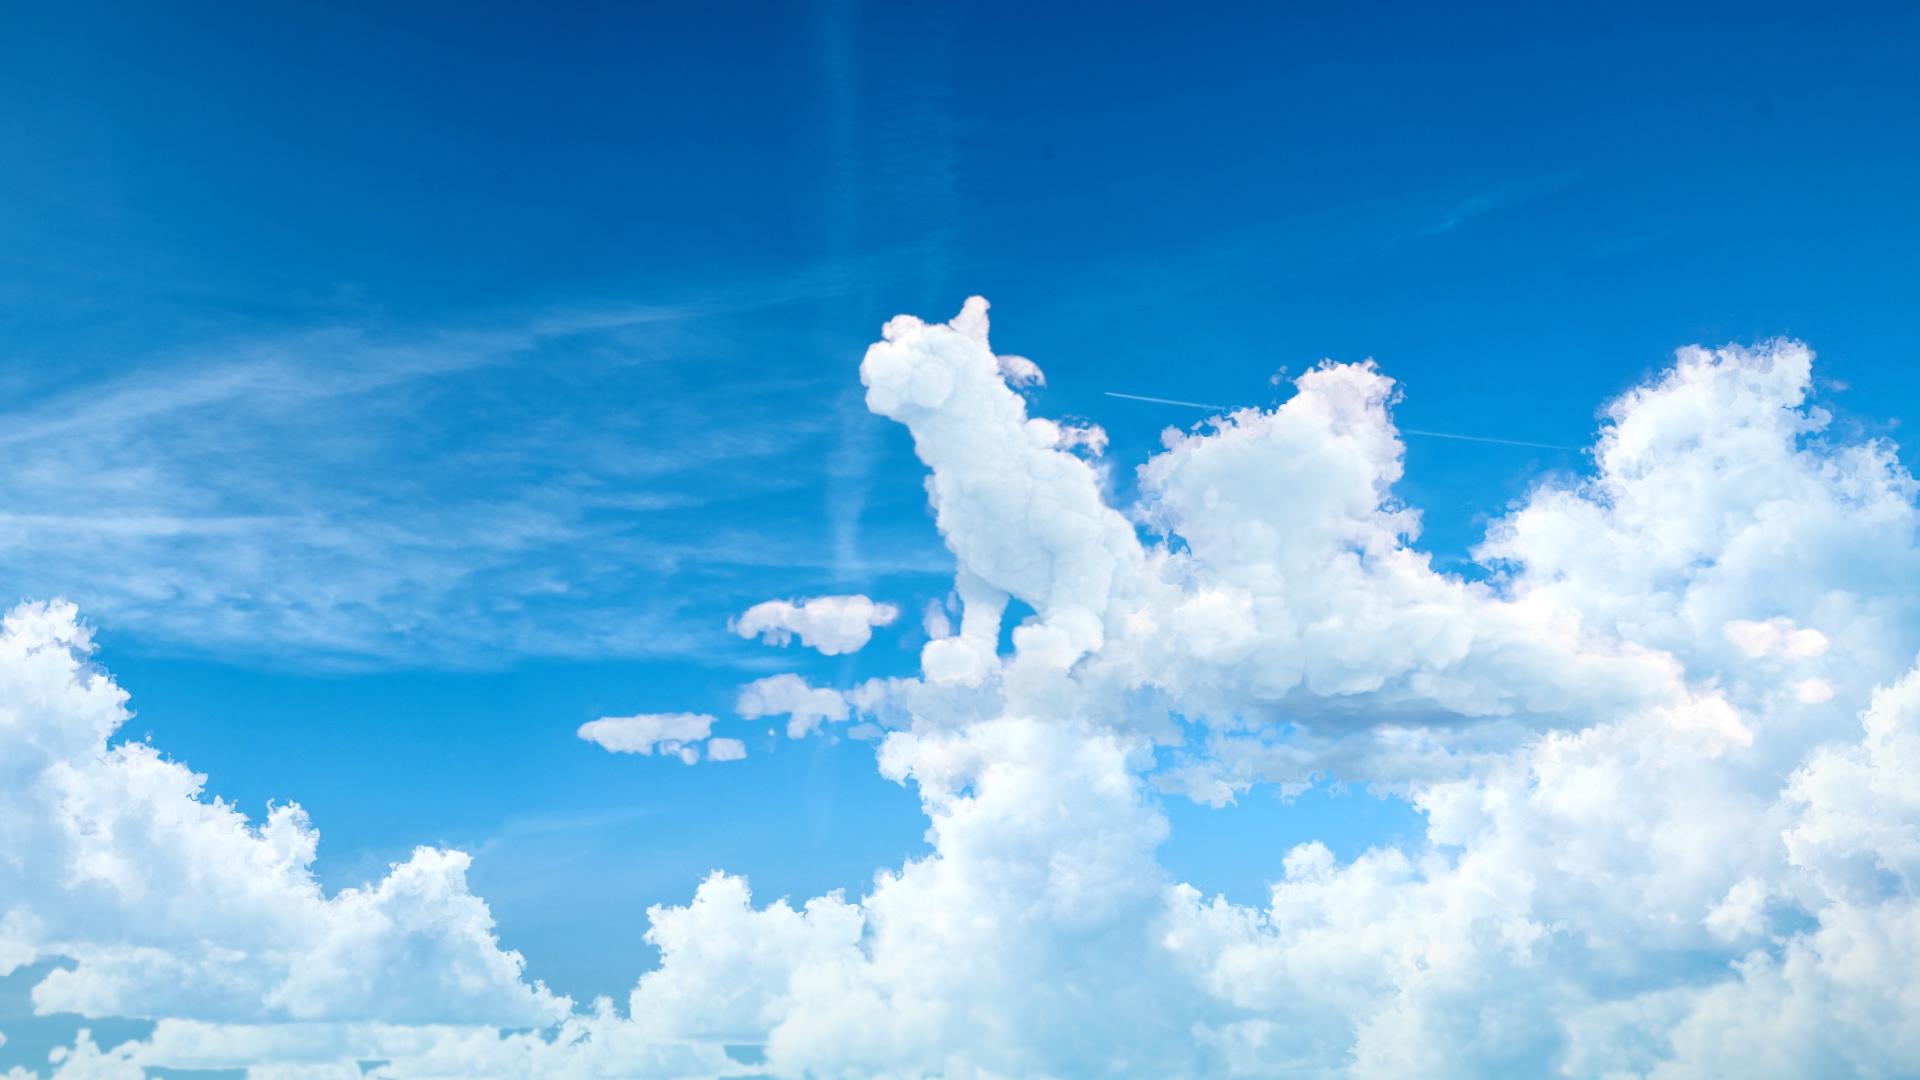 cloud_comp_v008_WEBSITE.mov.00_00_00_14.Still001.jpg